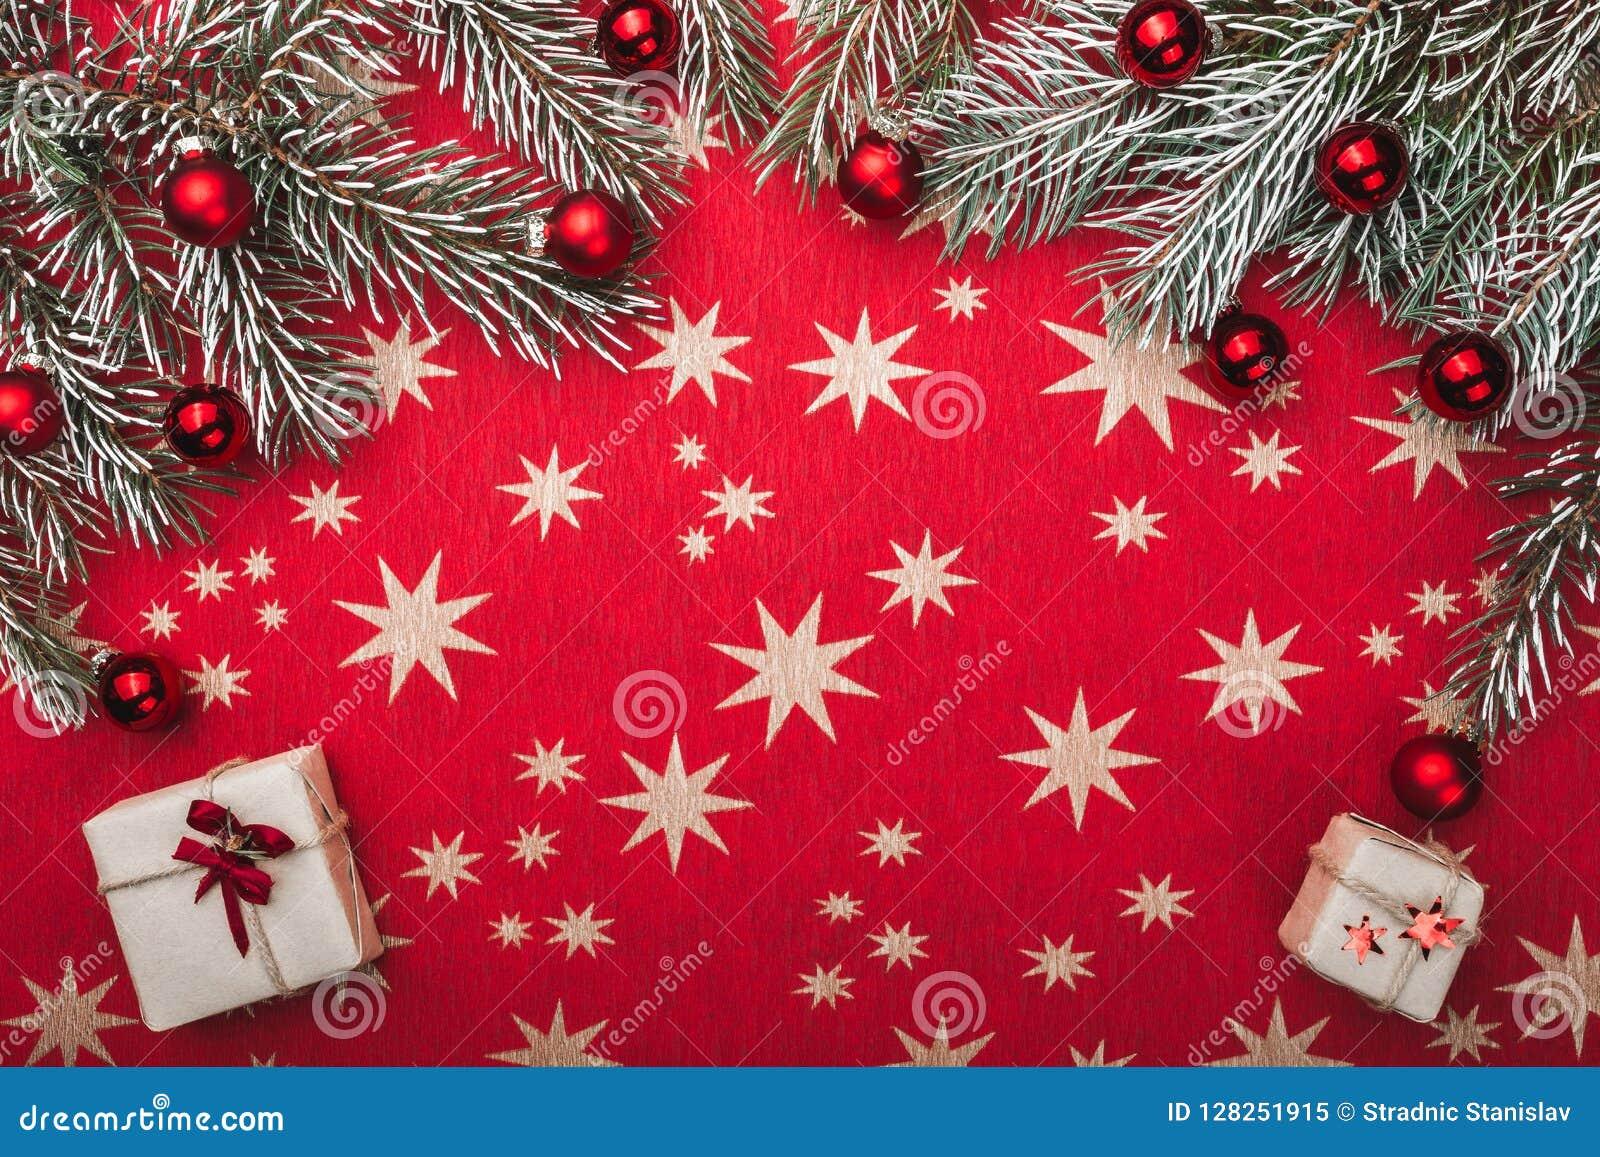 Personnalisée Photo /& Message Bone China Arbre De Noël Babiole Cadeau Décoration